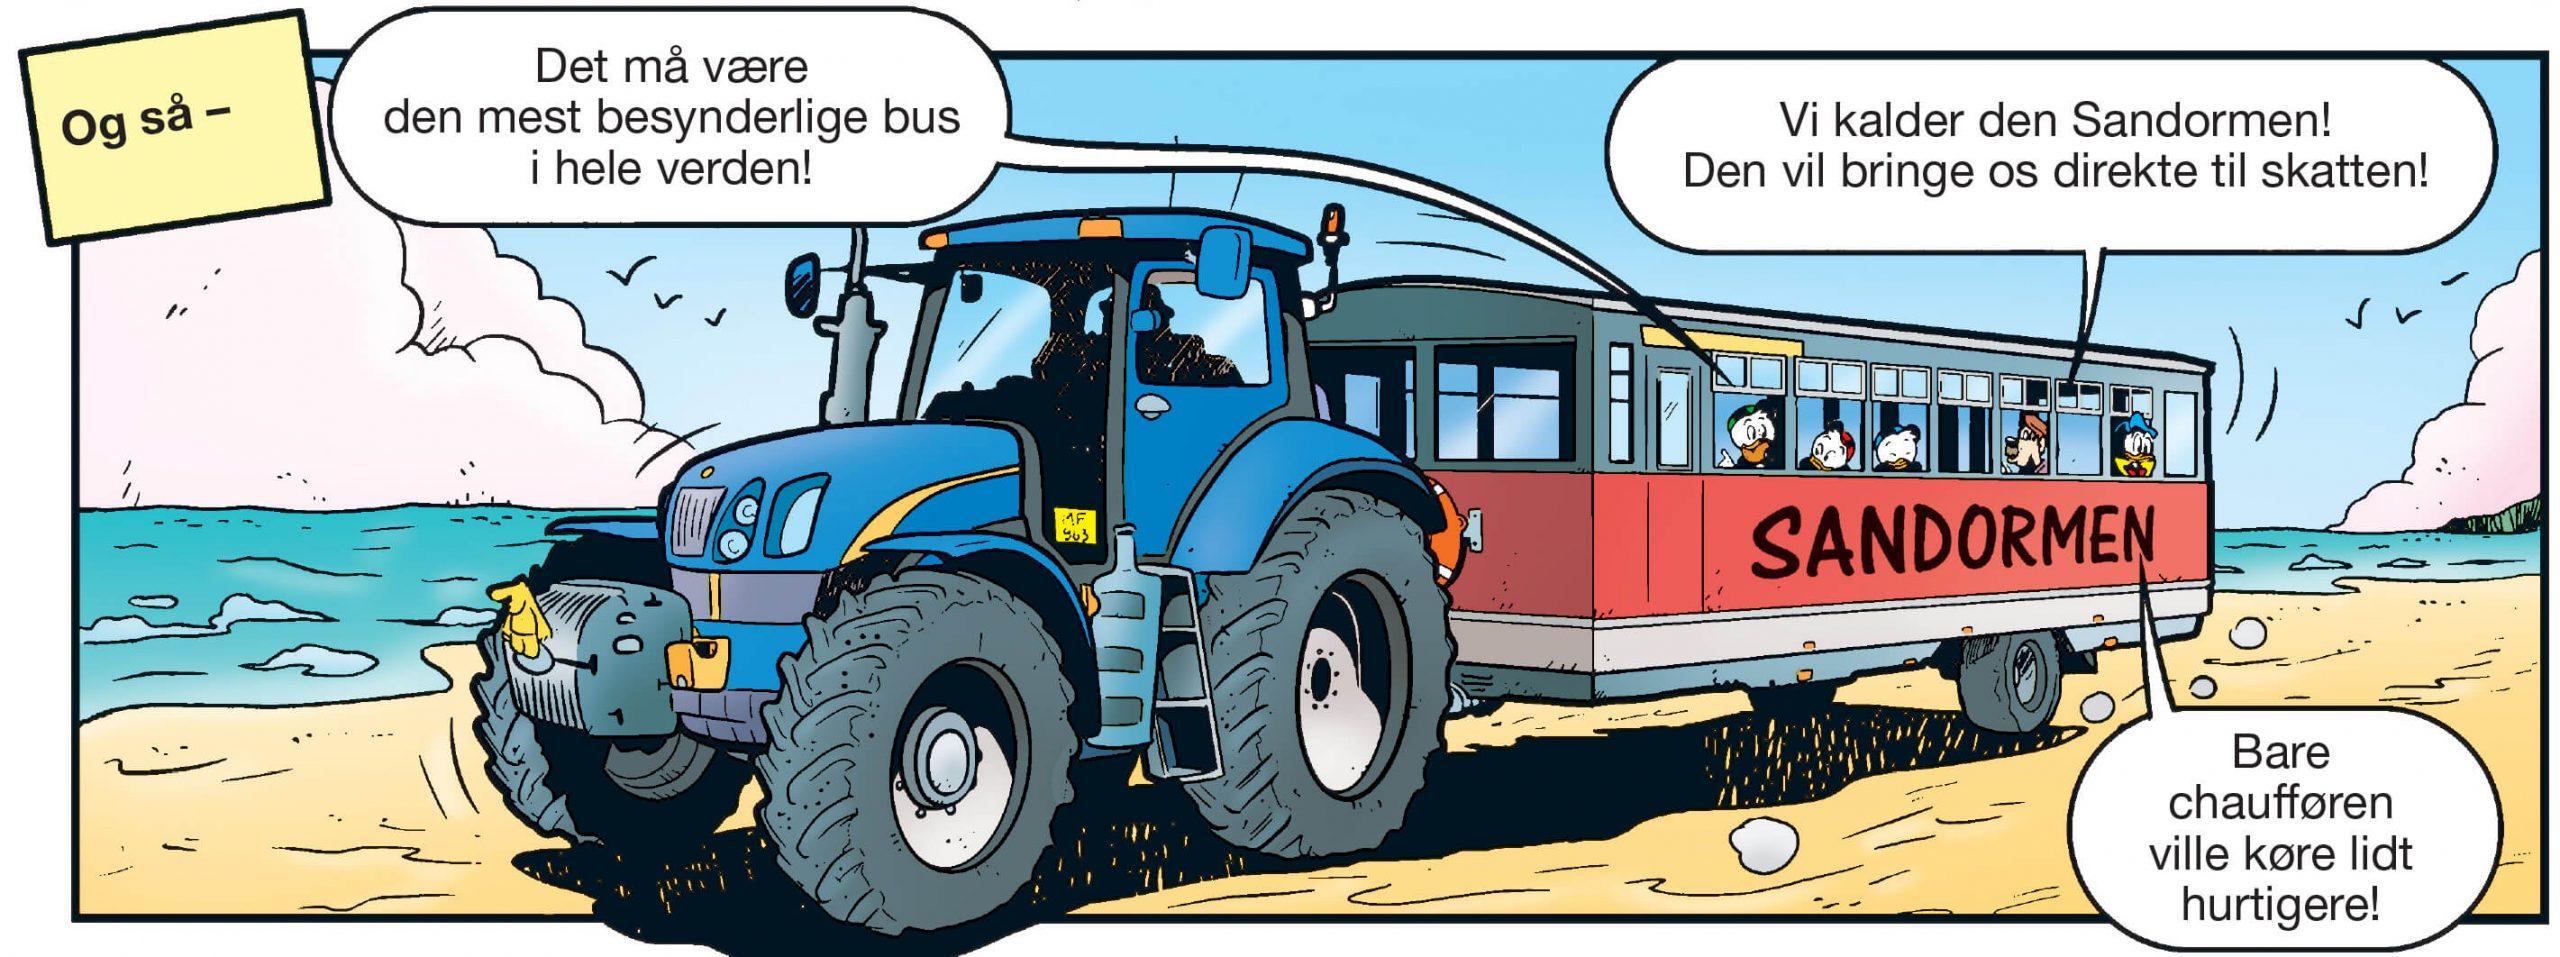 Anders And og ungerne kommer i denne uge bl.a. ud at køre i Sandormen. (Illu: AA45/Egmont)